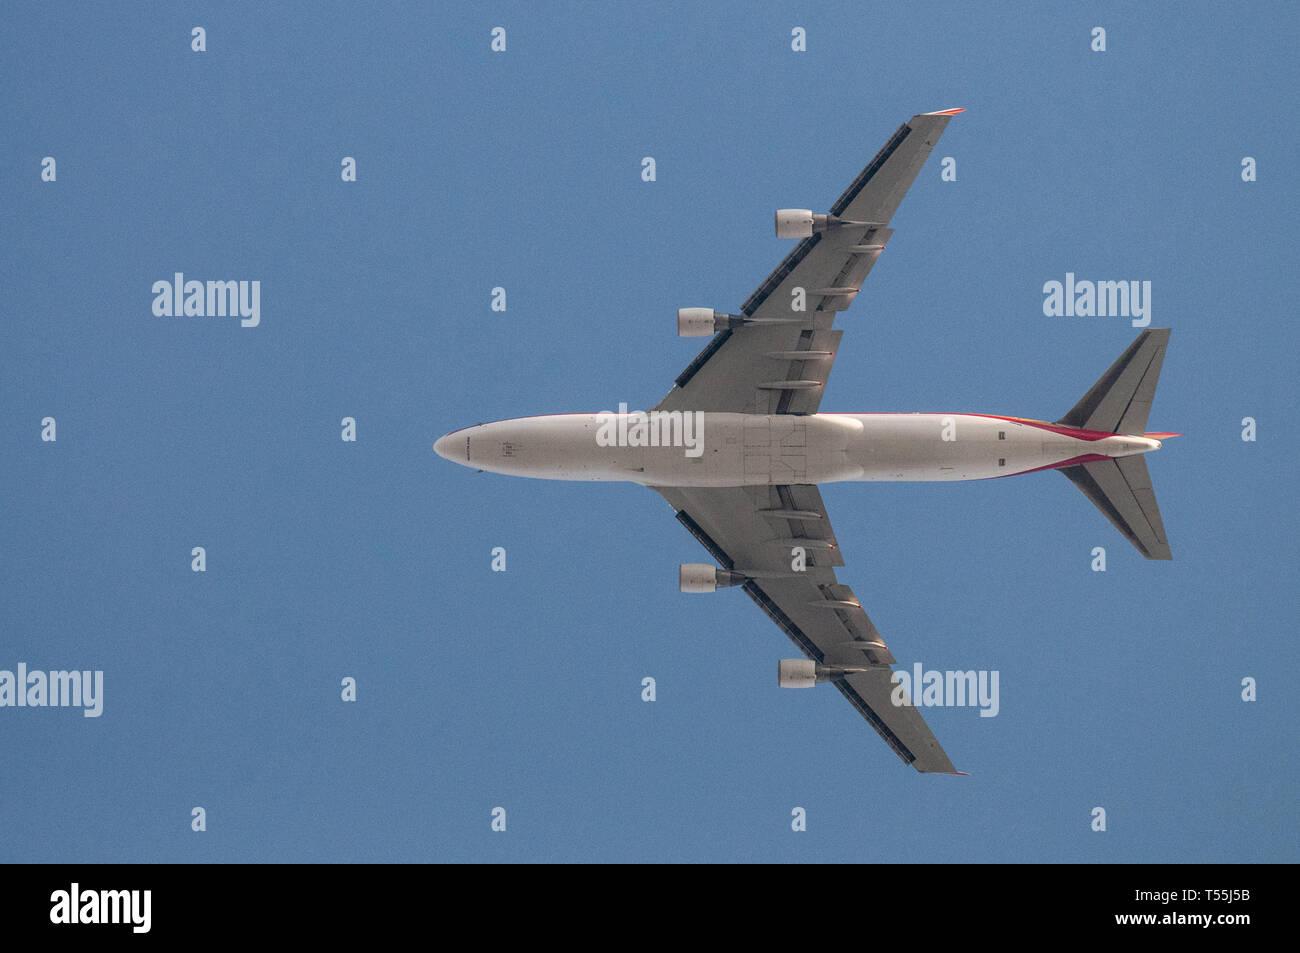 Close-up di un Boeing 747 volare basso. Immagini Stock